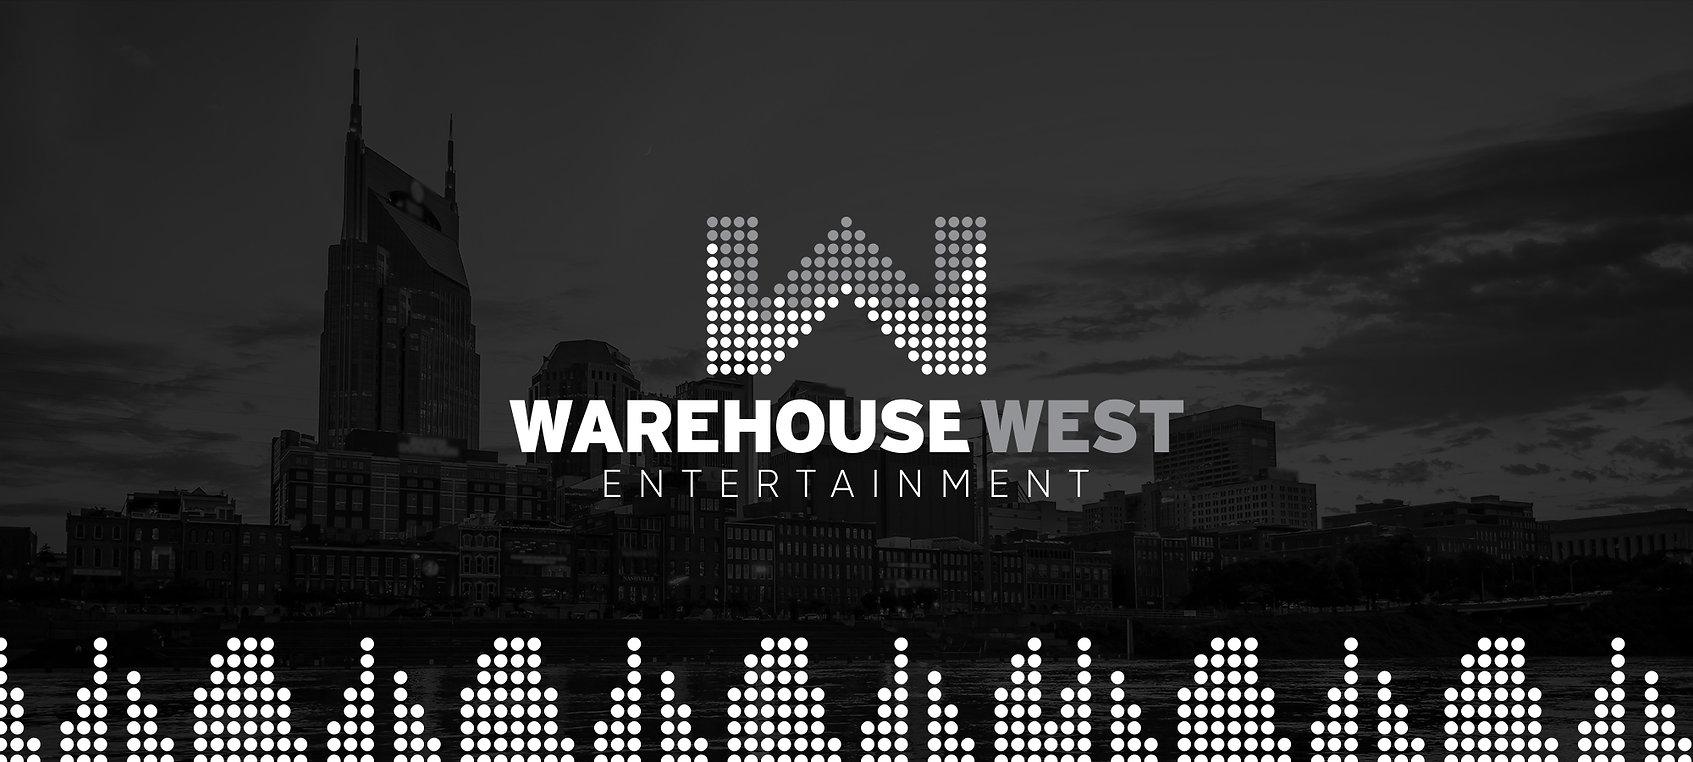 5b49213771d09946f43597c9_warehousewest 2.jpeg